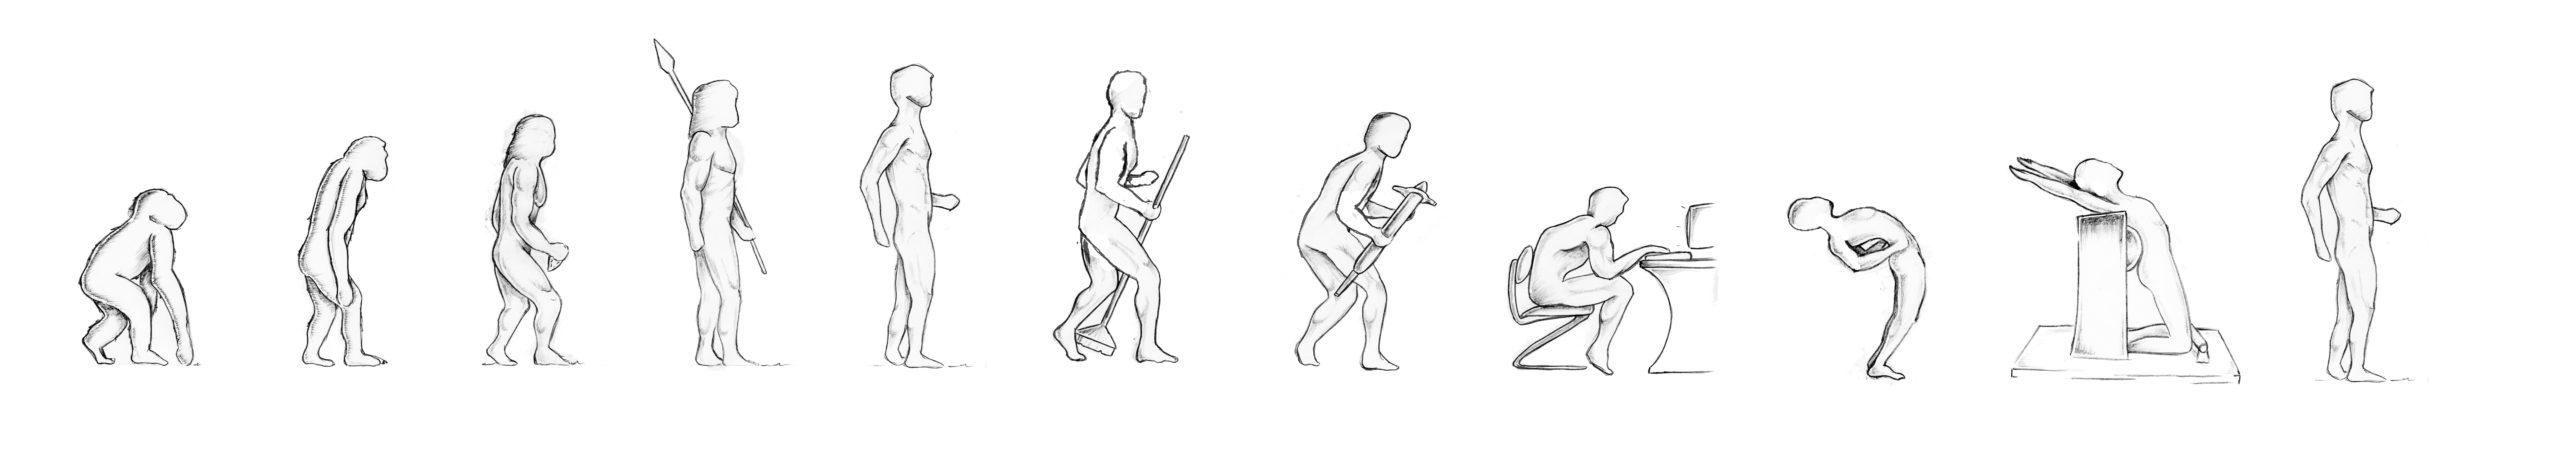 Five_Evolution_des_Menschen